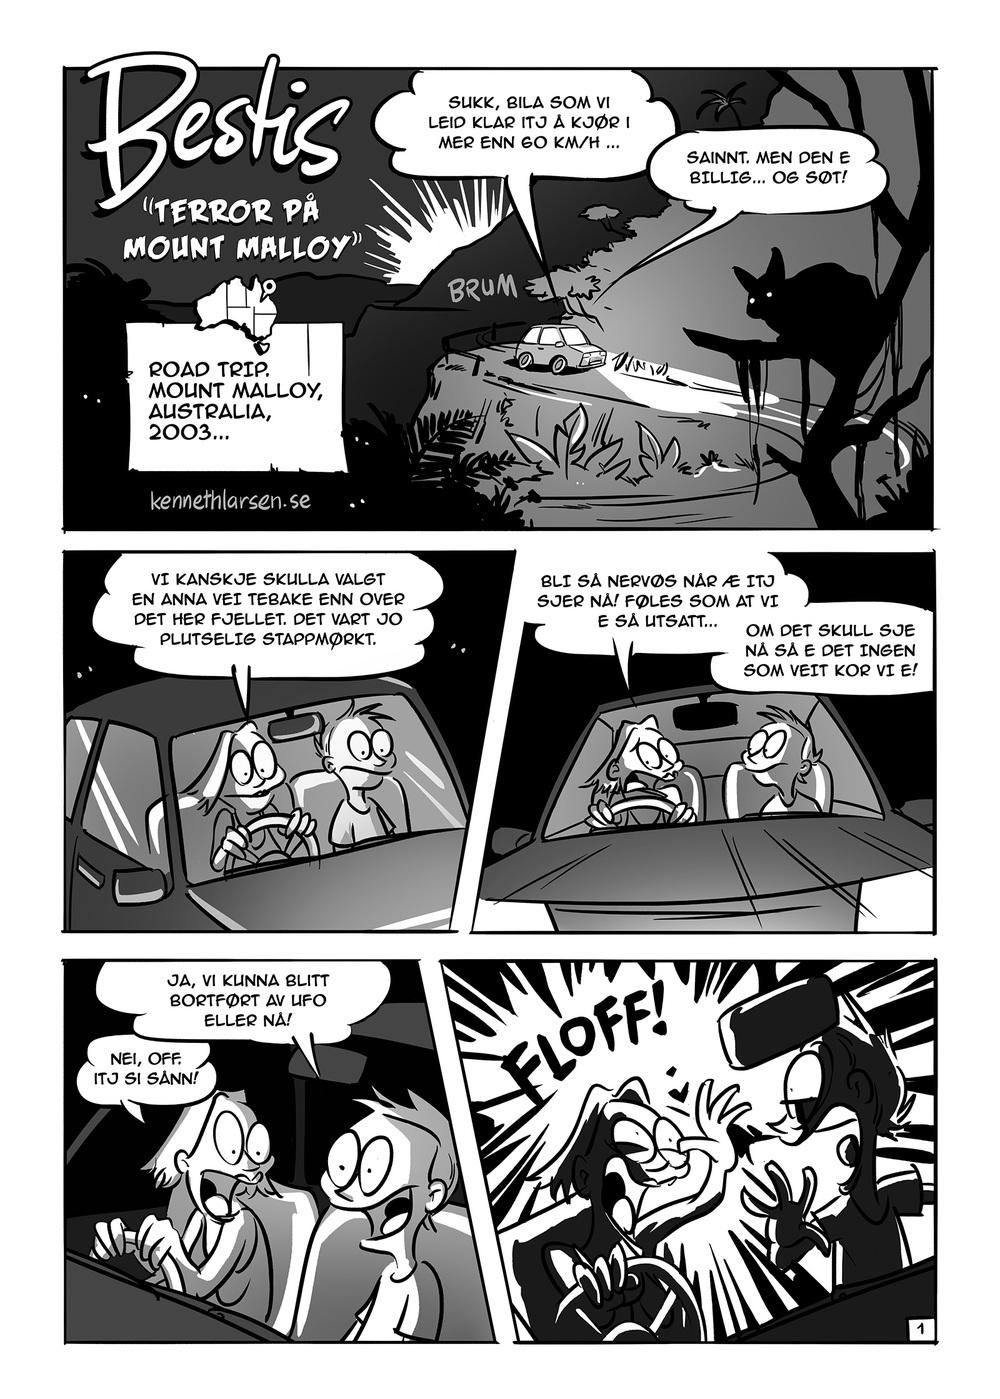 kennethlarsen-bestiscomic-terror1